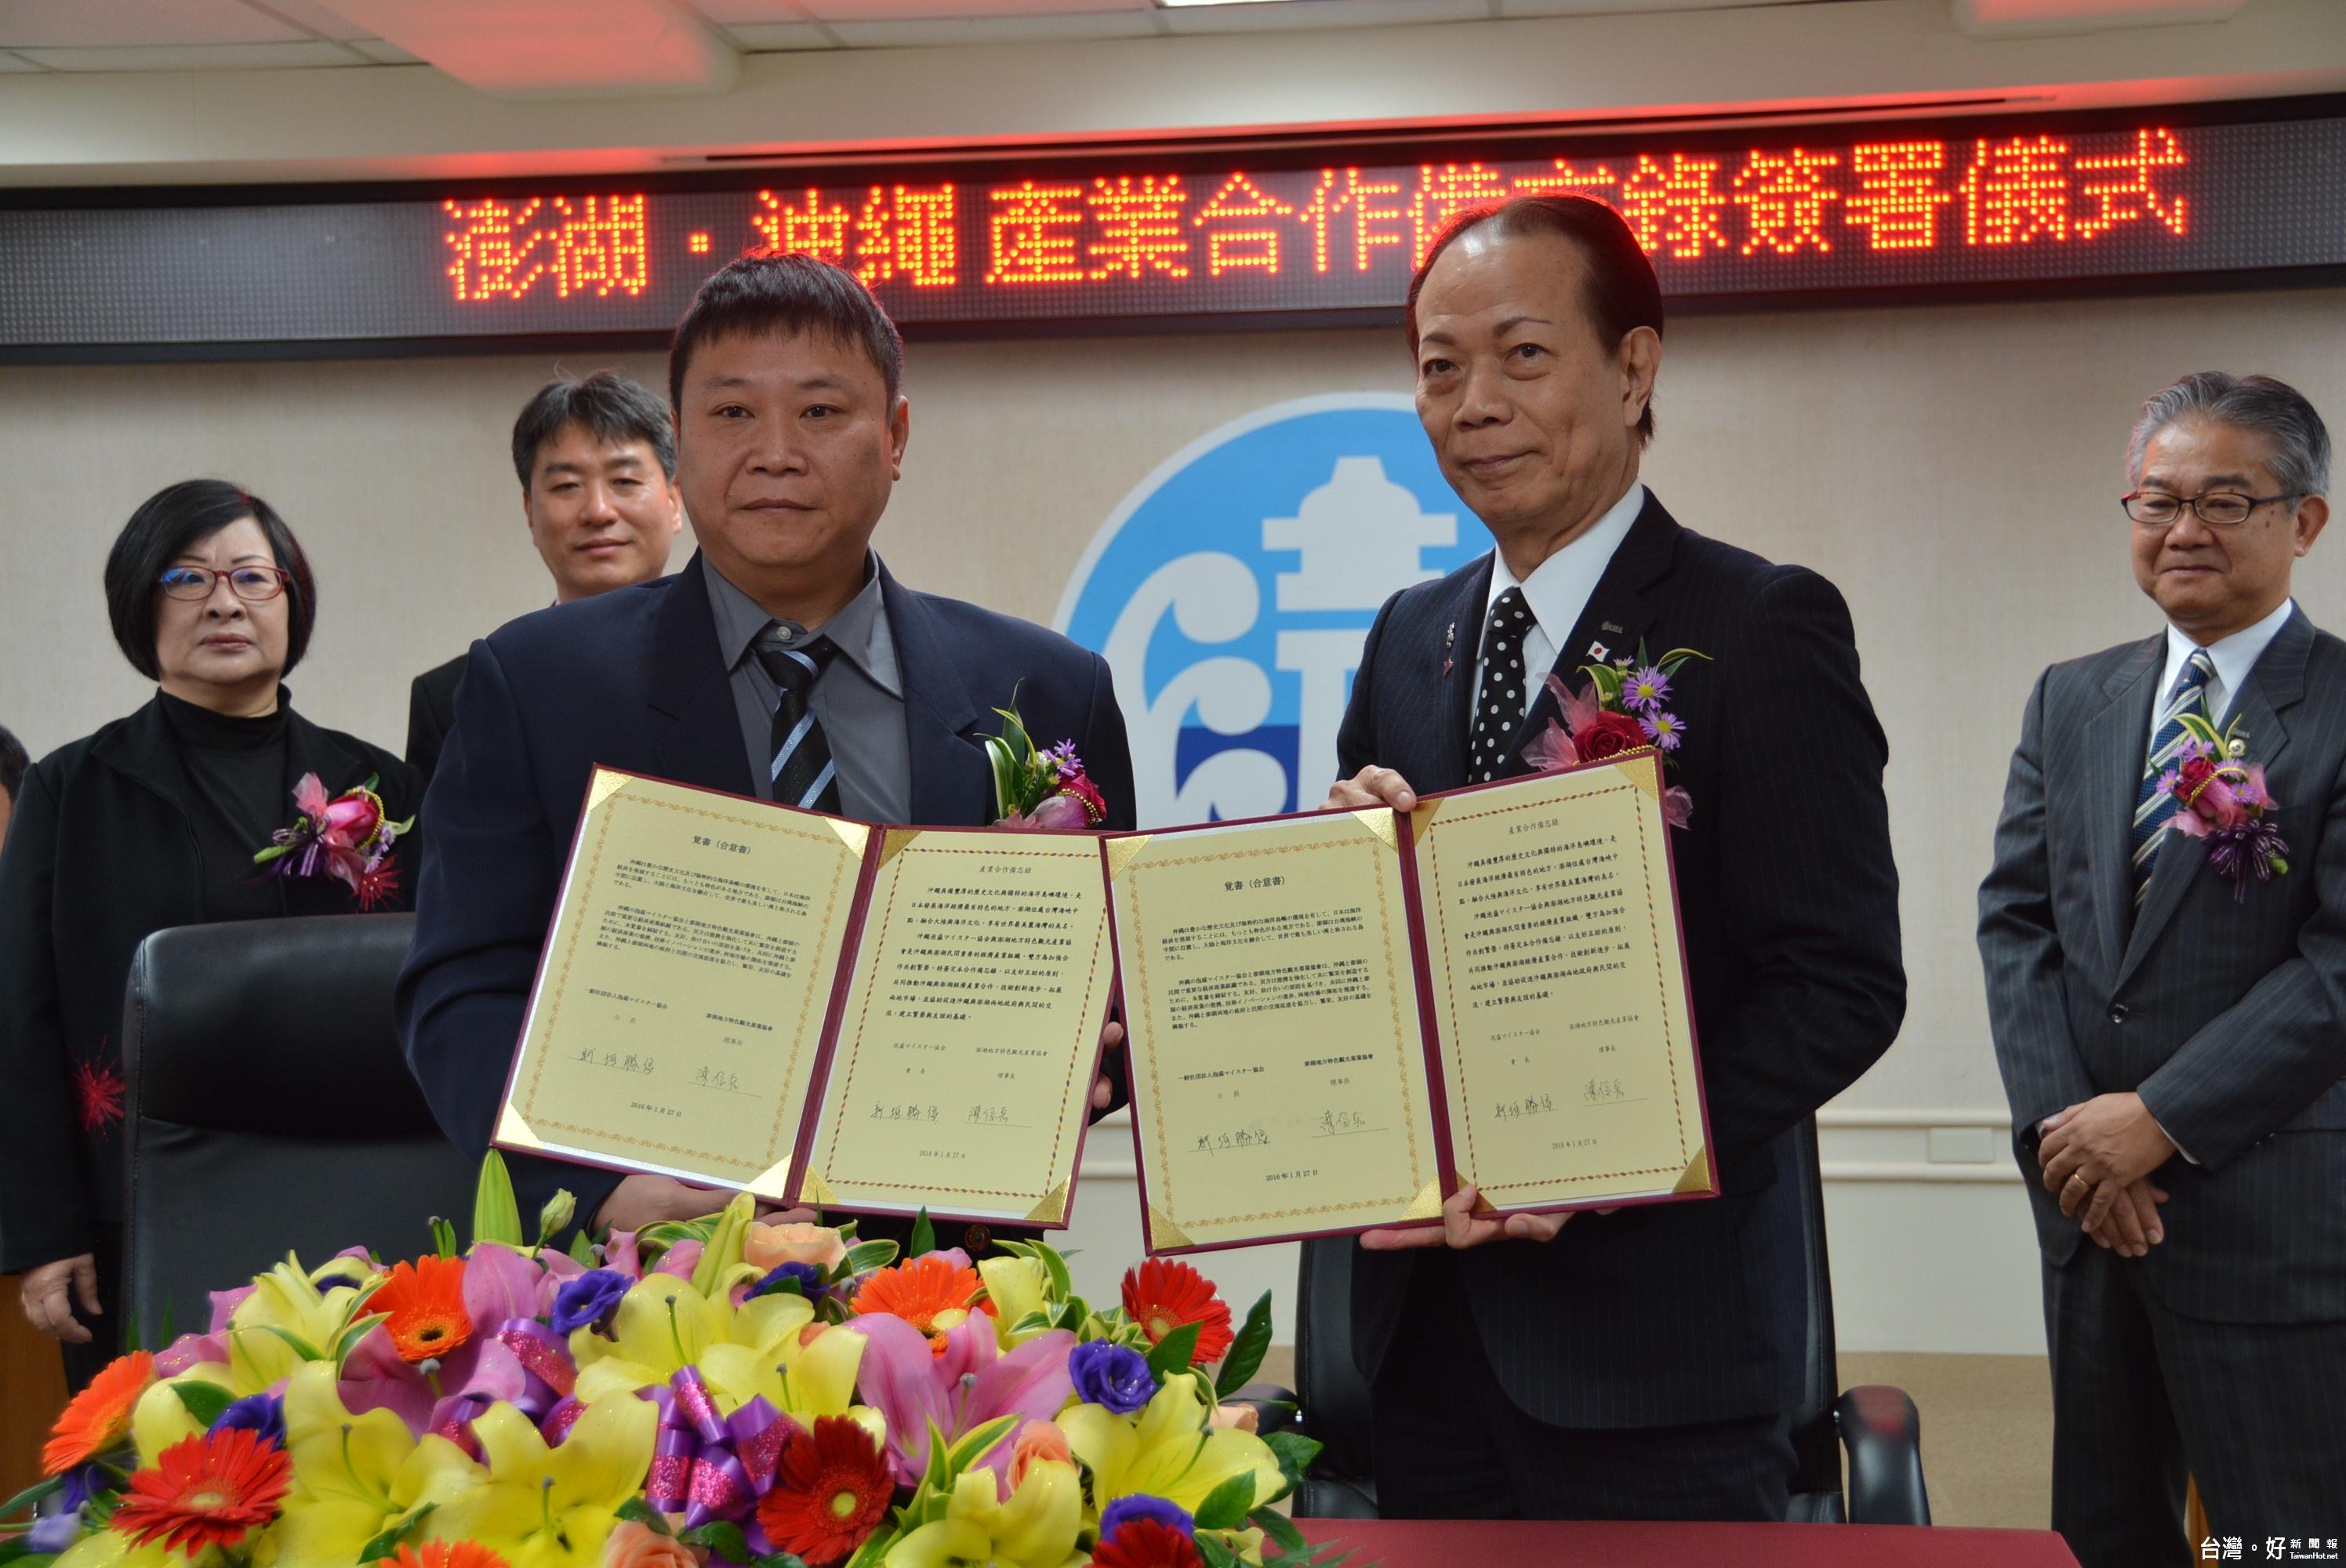 共推產業合作 澎湖與沖繩簽署備忘錄